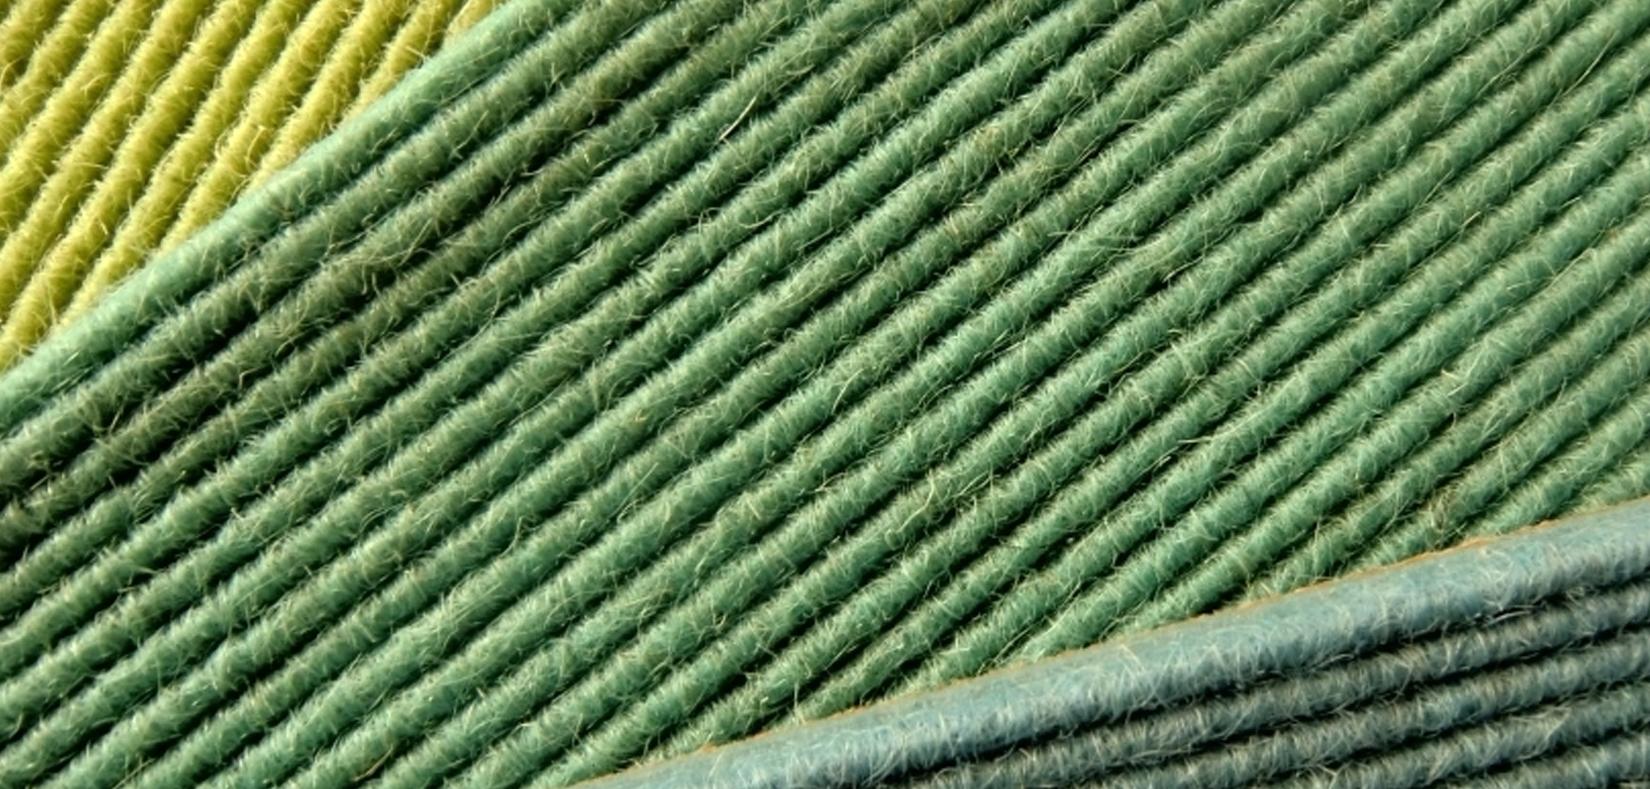 vloeren-overzicht-tapijttegels